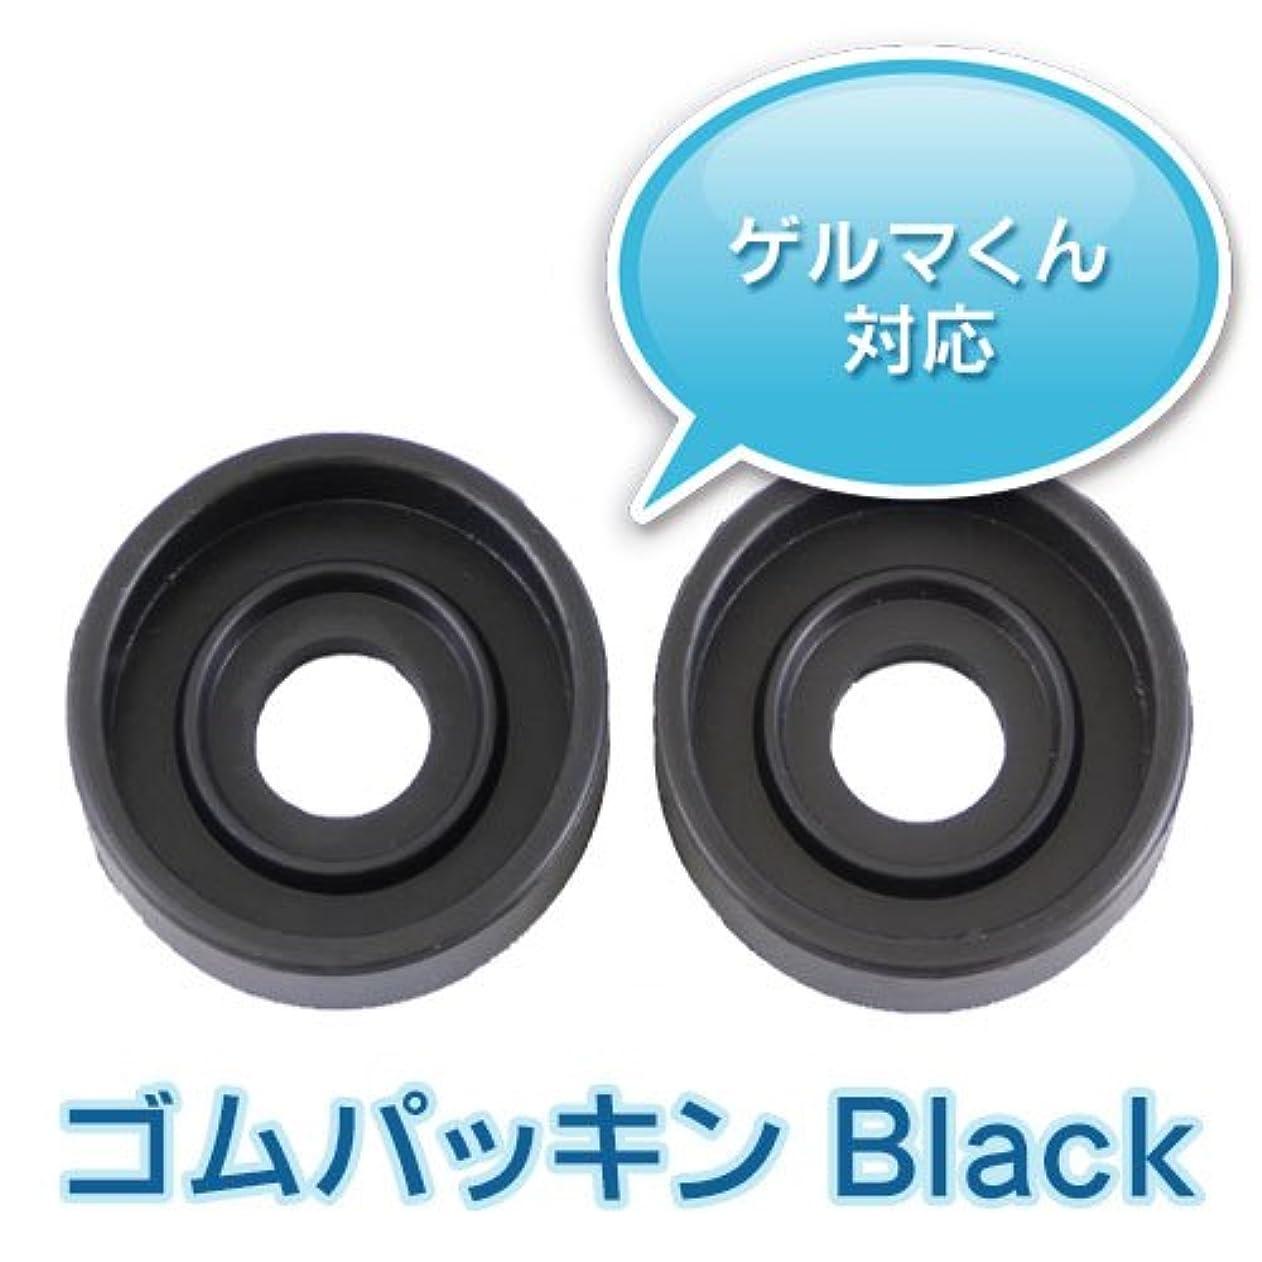 ゲルマ温浴器専用ゴムパッキン2個(黒)★「ゲルマくん」対応